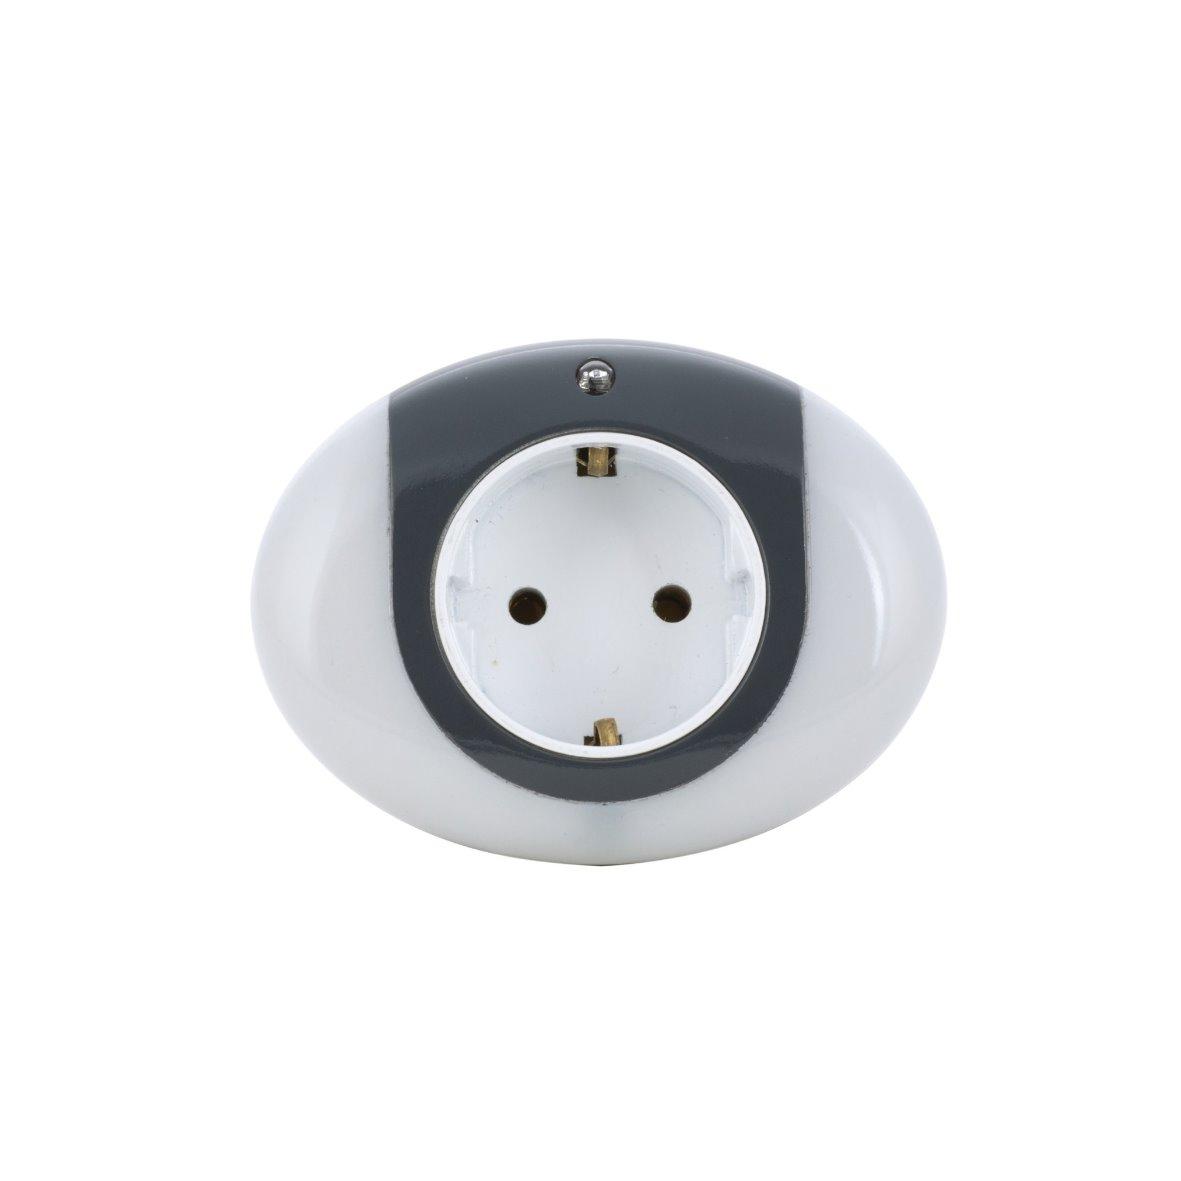 Zwischenstecker-LED-Nachtlicht-Steckdose-Leuchte-Lampe-Nachtlampe-230-V-Sensor